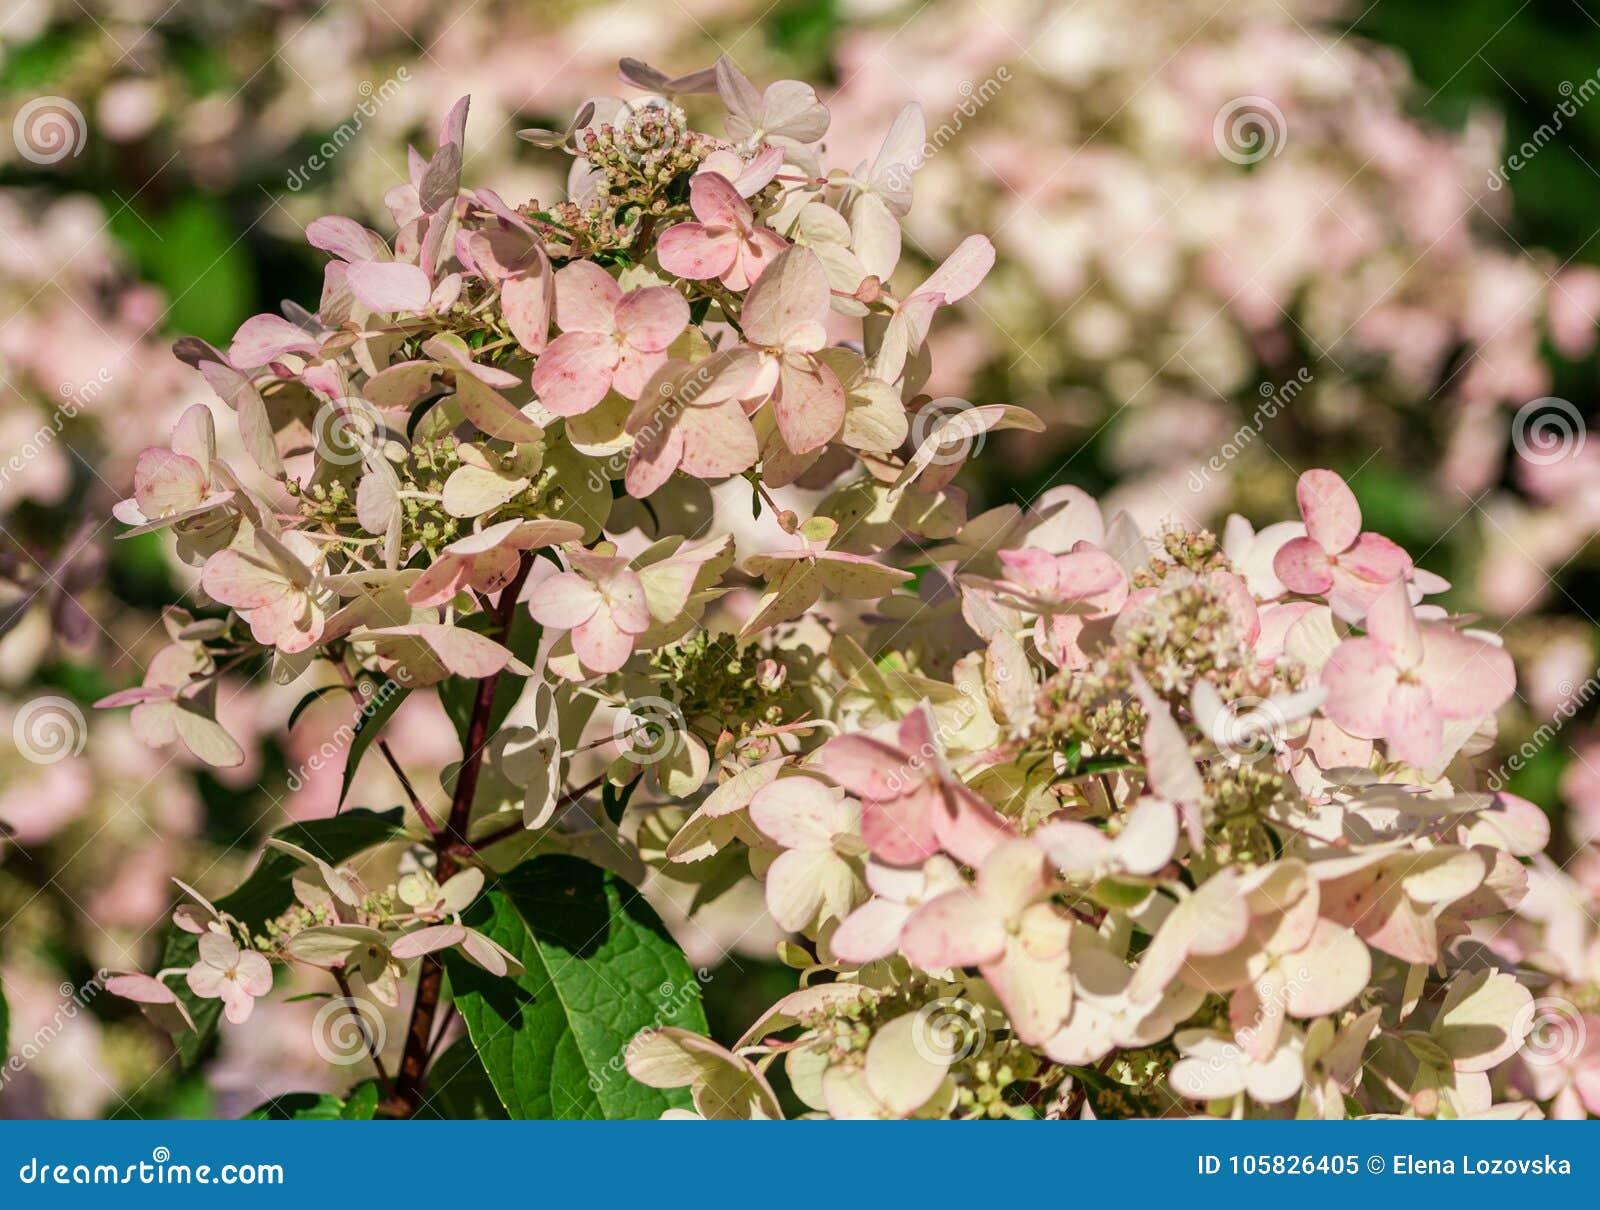 Anemone blanda weiße Pracht, eine Gruppe weiße Blumen